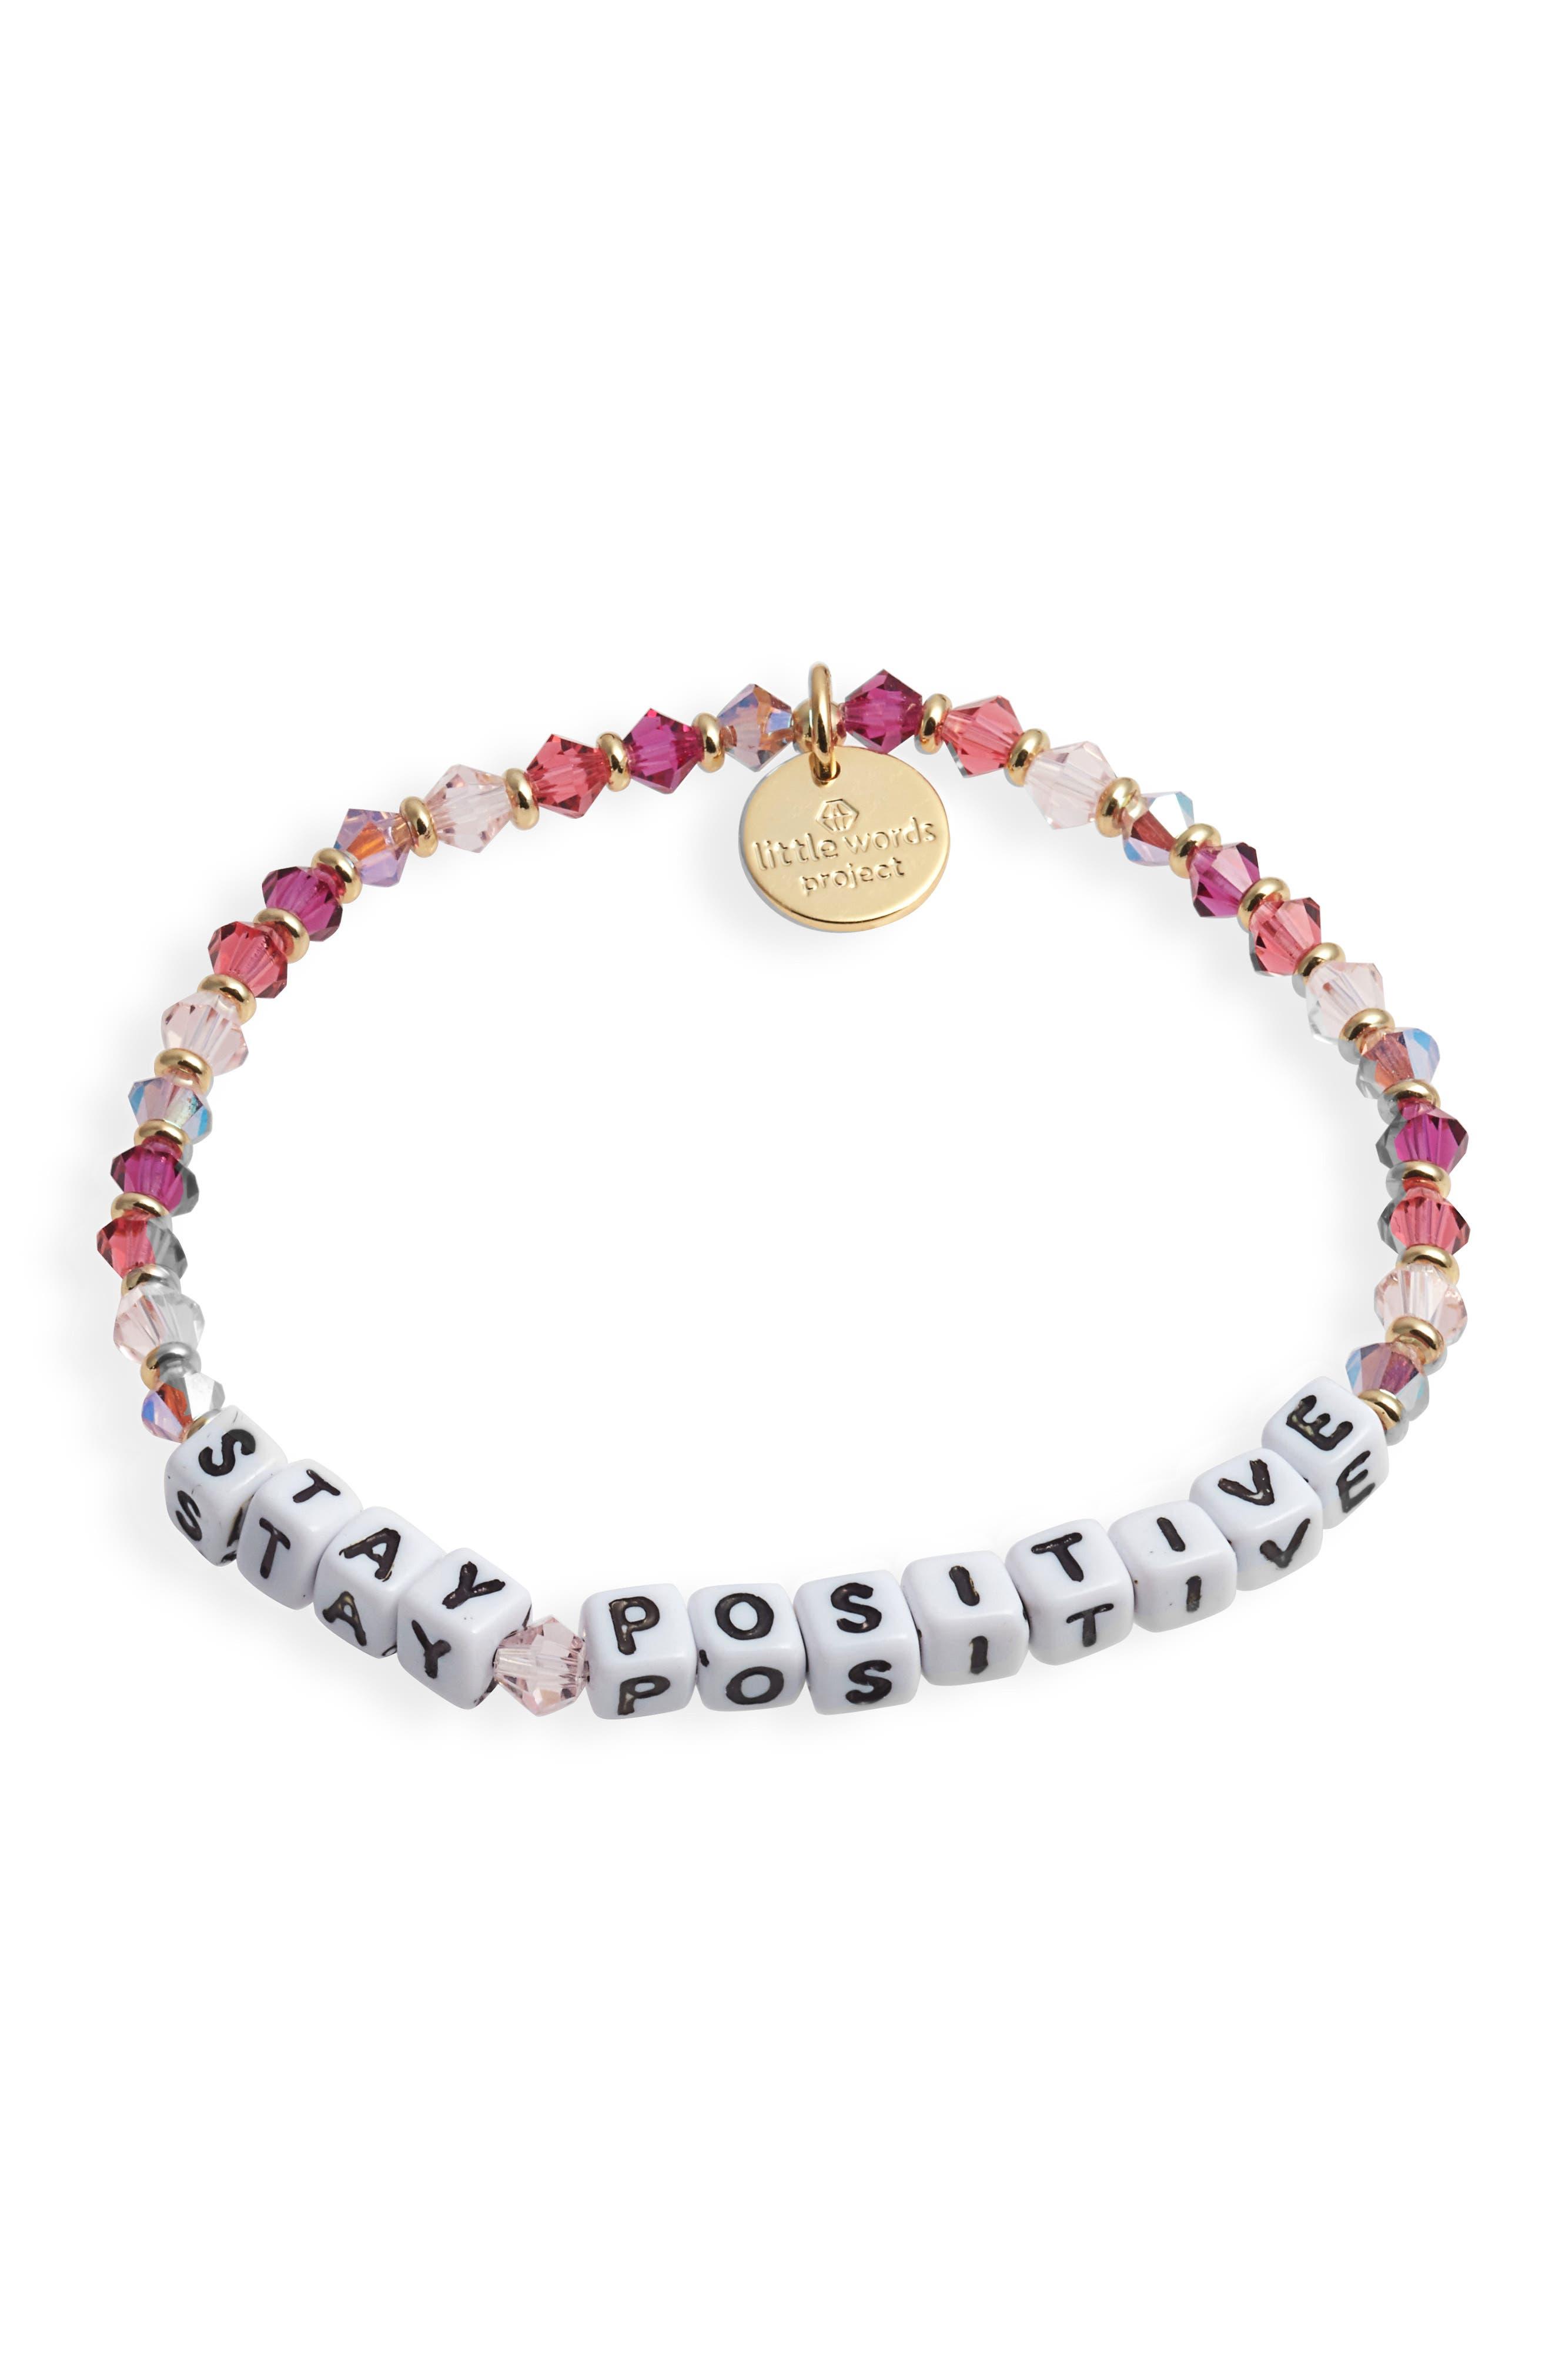 Stay Positive Beaded Stretch Bracelet